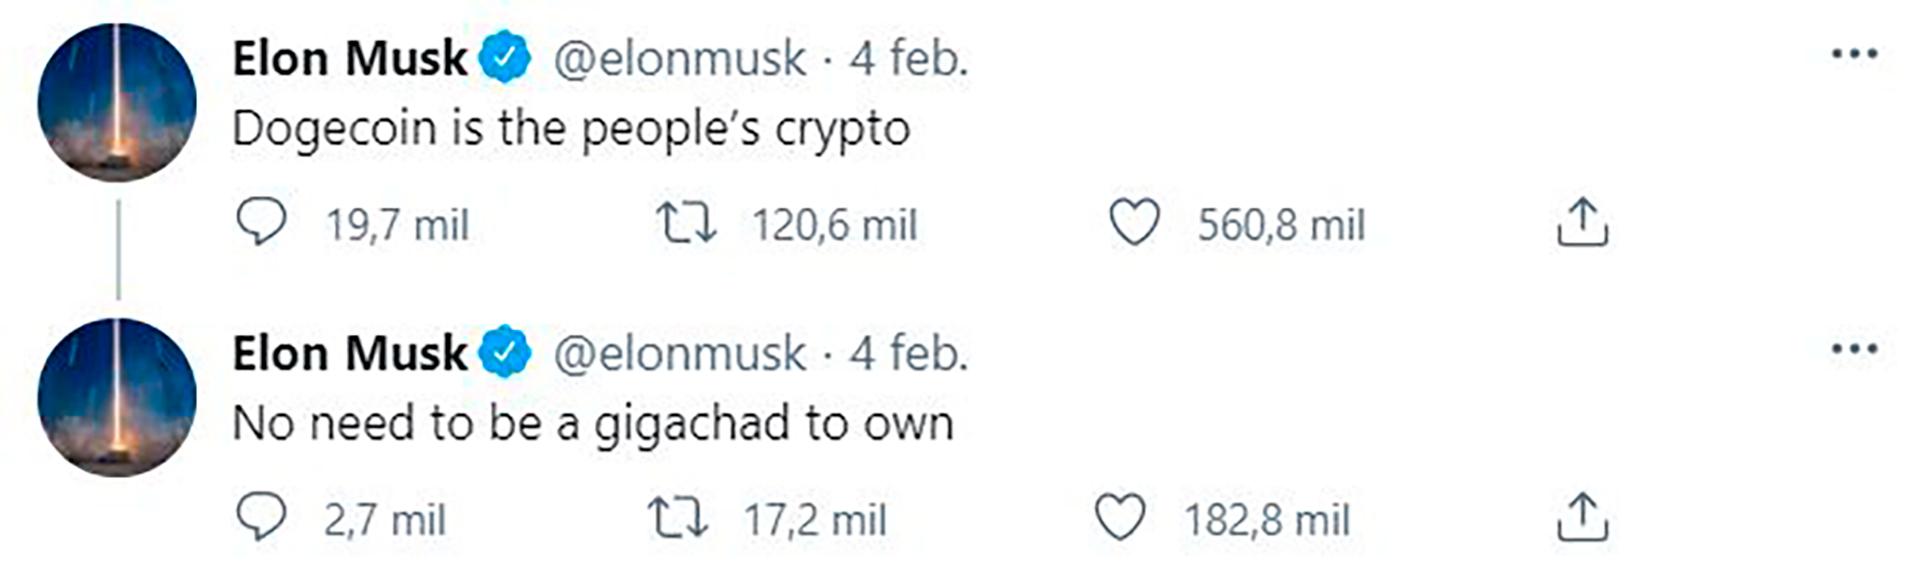 """""""Dogecoin, la moneda de la gente"""", tuitea Elon Musk desde su cuenta"""